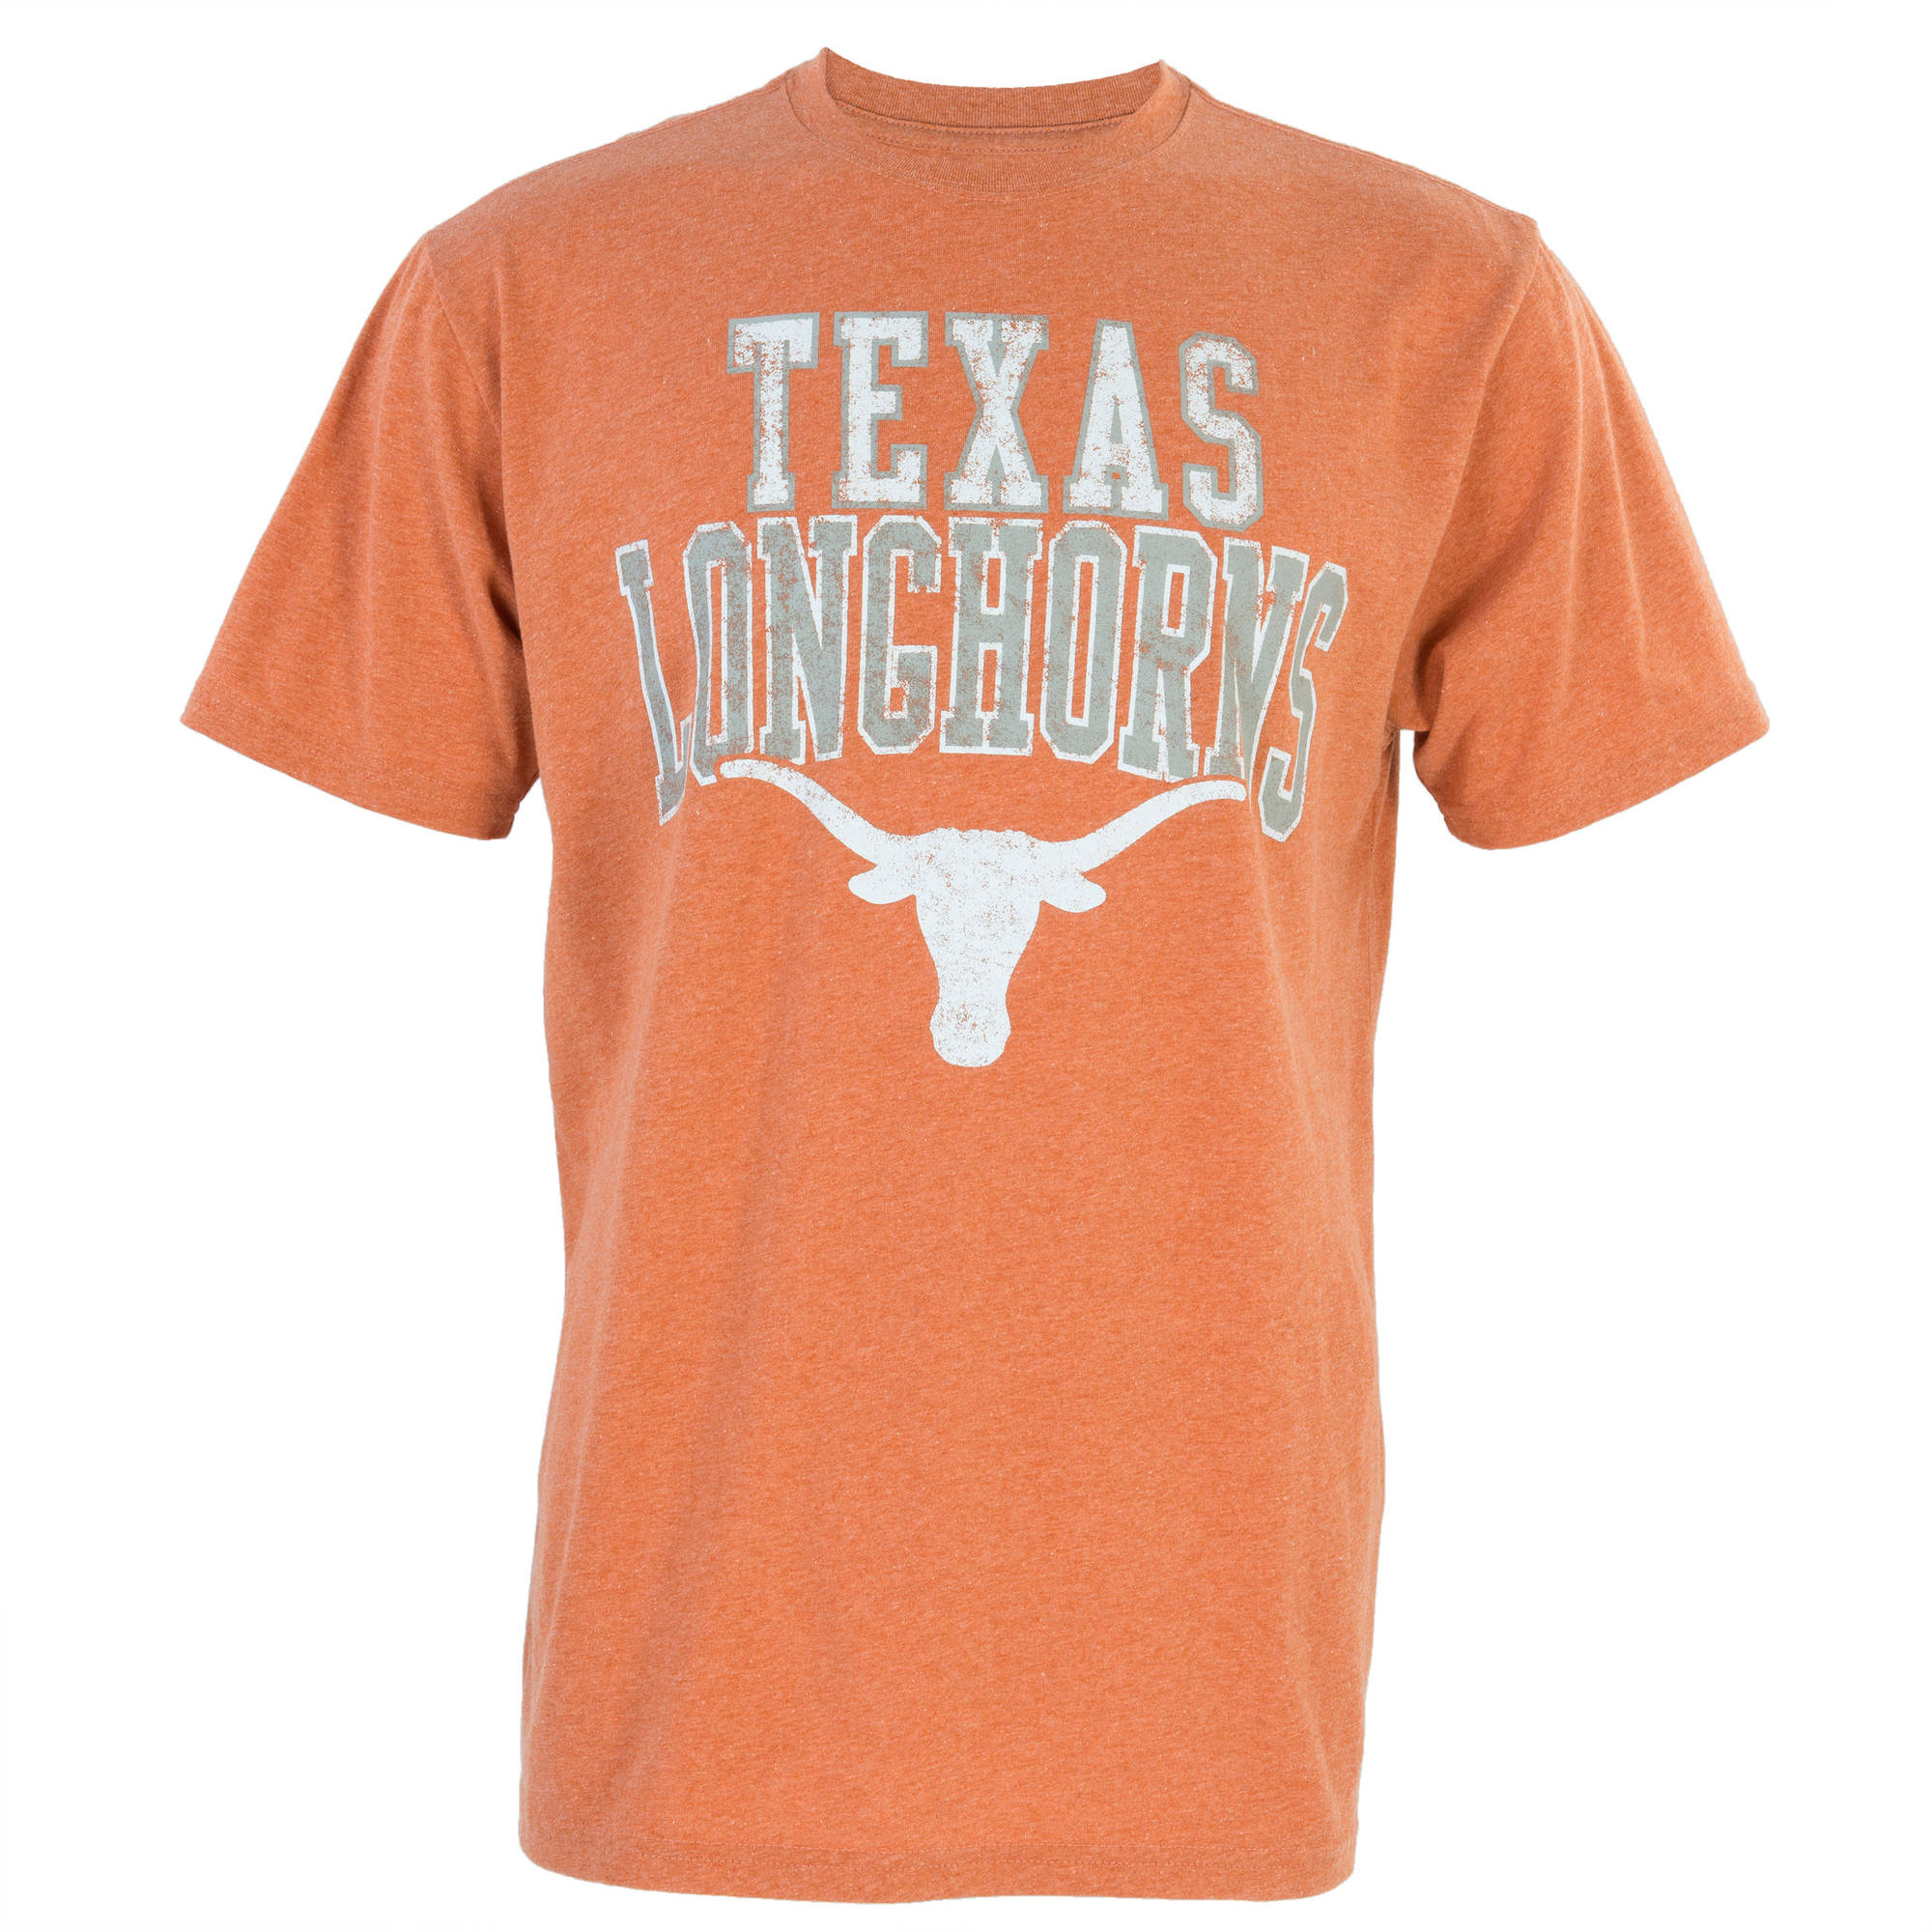 NCAA Texas Longhorns Men's Validated Vintage Tee